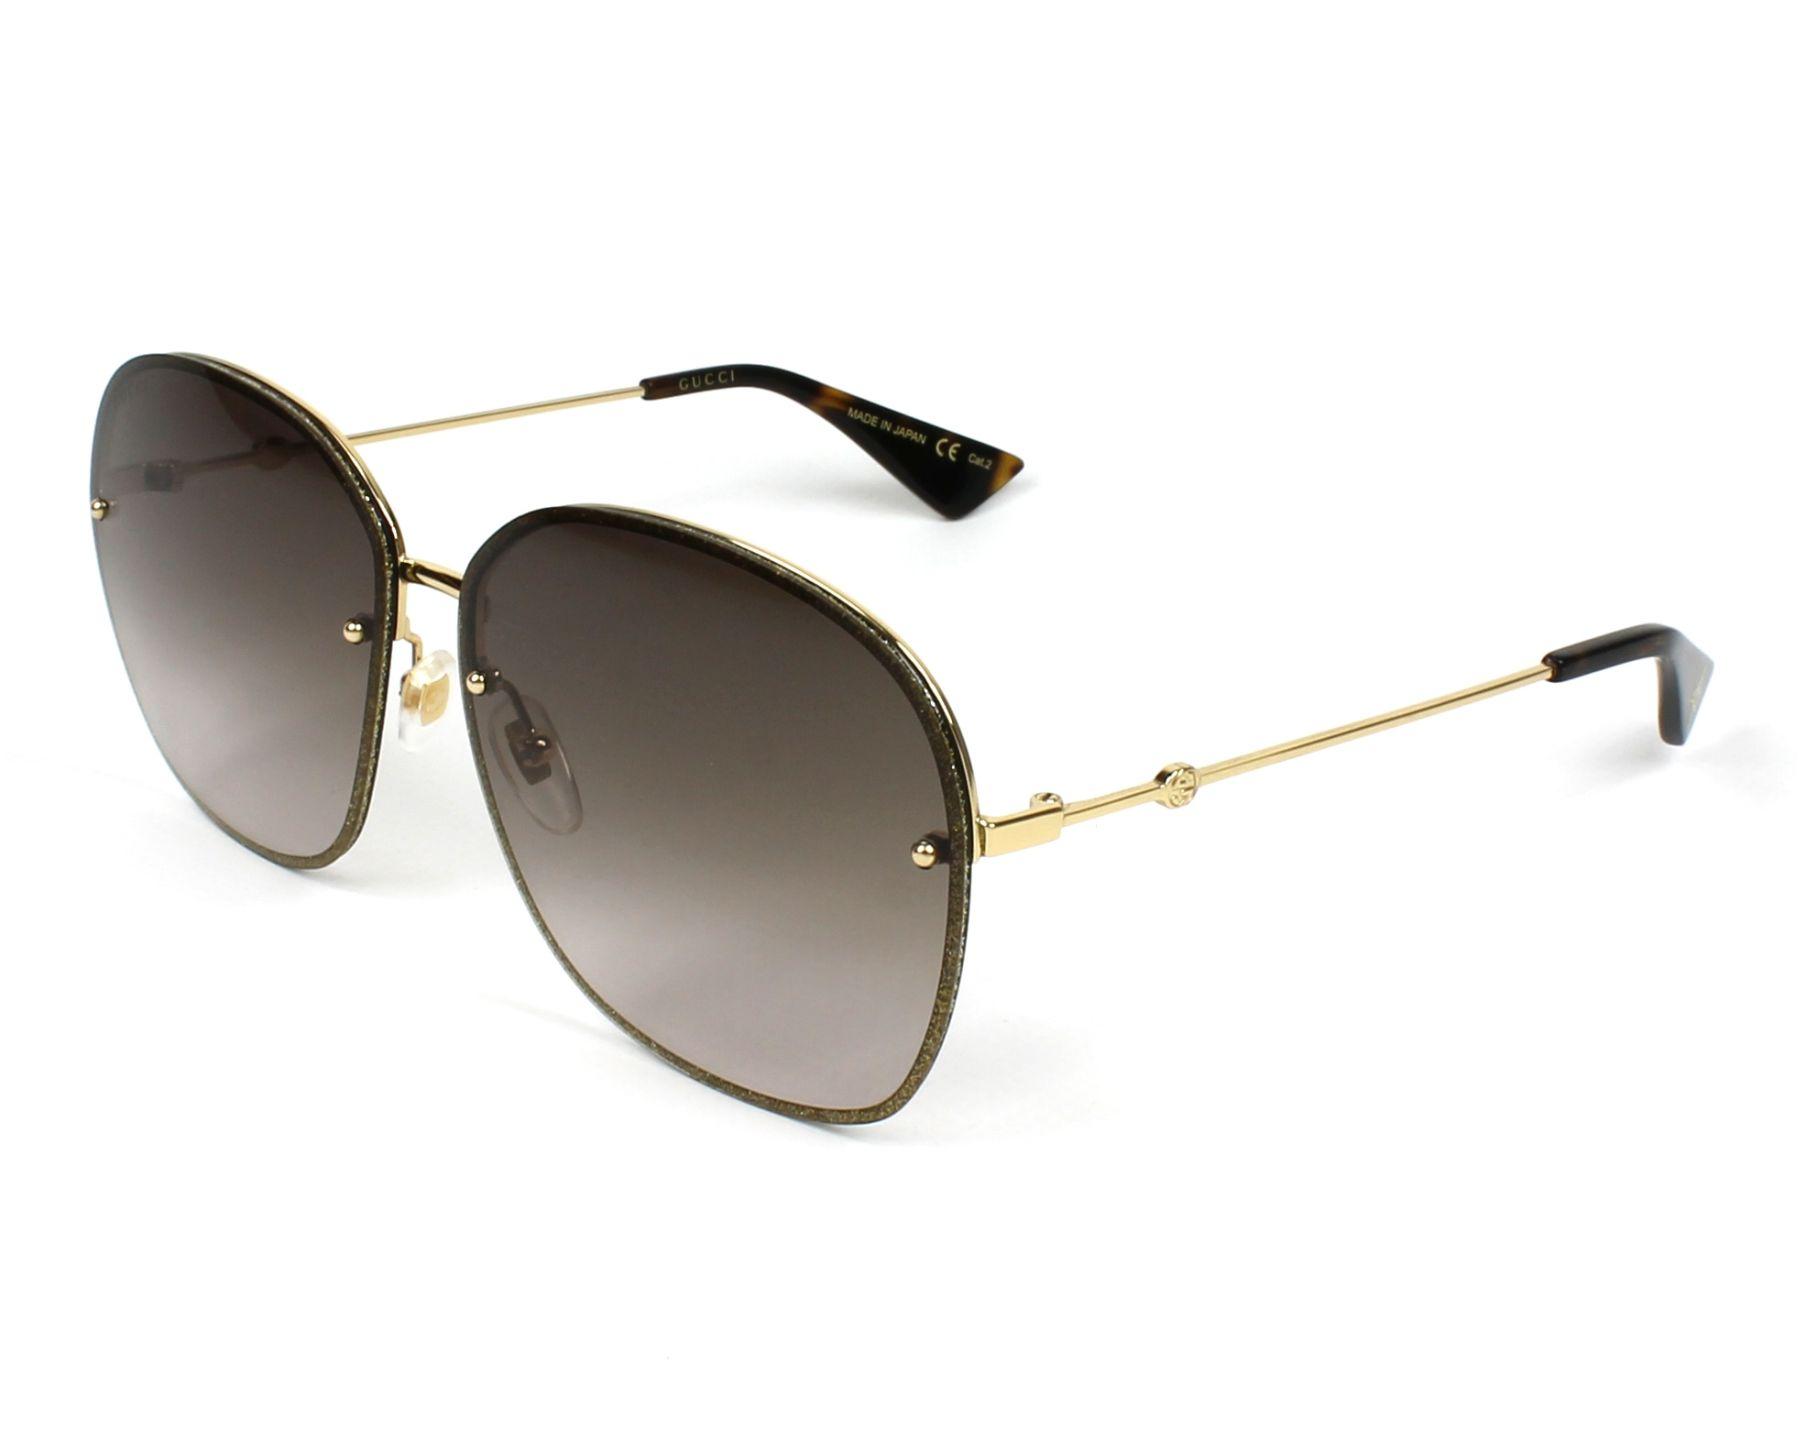 5b69f2d72e890 Sunglasses Gucci GG-0228-S 003 - Gold Gold profile view